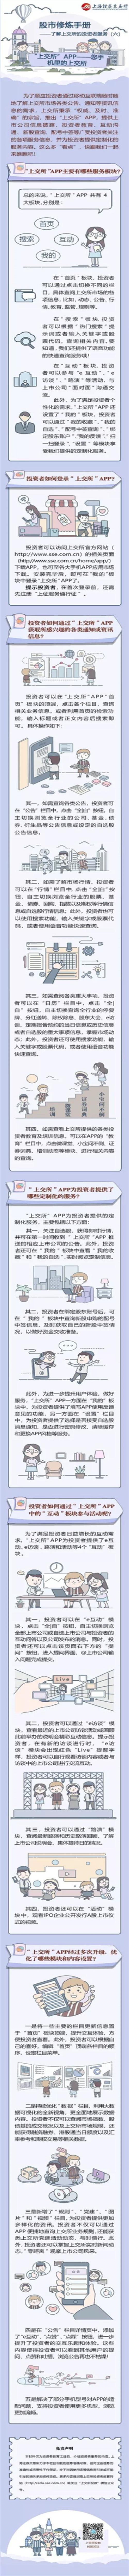 http://www.lxsec.com/upload4education/eduArt/640_副本.jpg